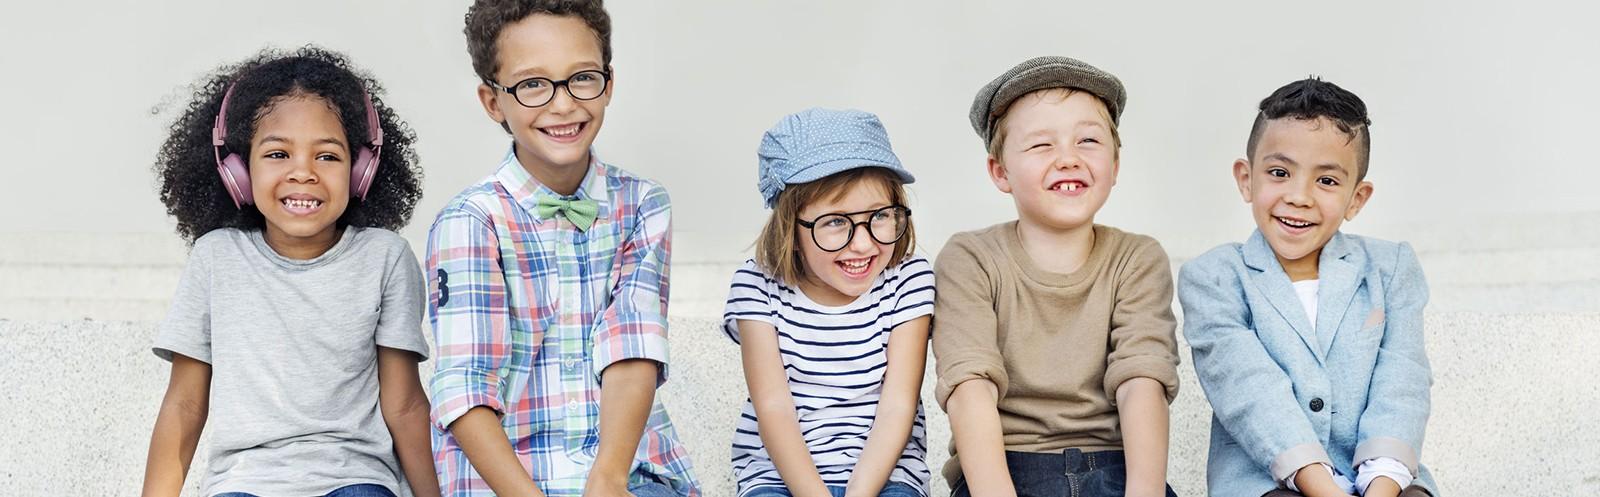 troc4kids.ch - vos habits moins cher de 50% à 90% par rapport au neuf !